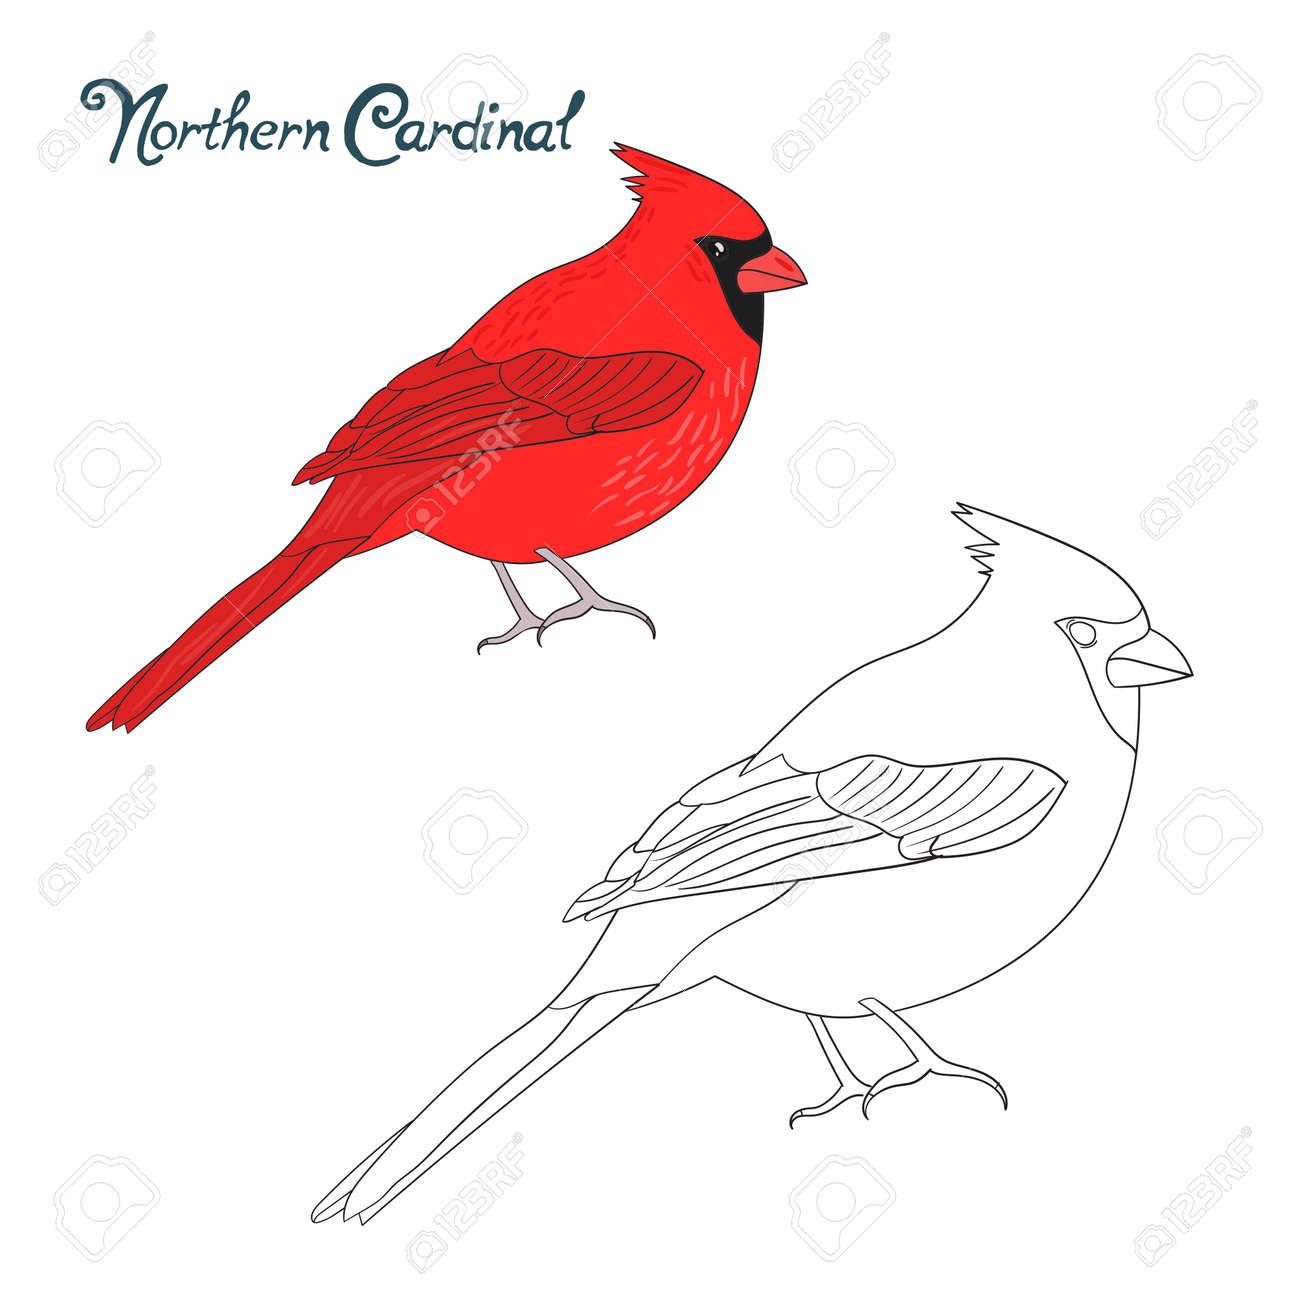 Educational Game Coloring Book Northern Cardinal Bird Cartoon Doodle Hand Drawn Vector Illustration Stock